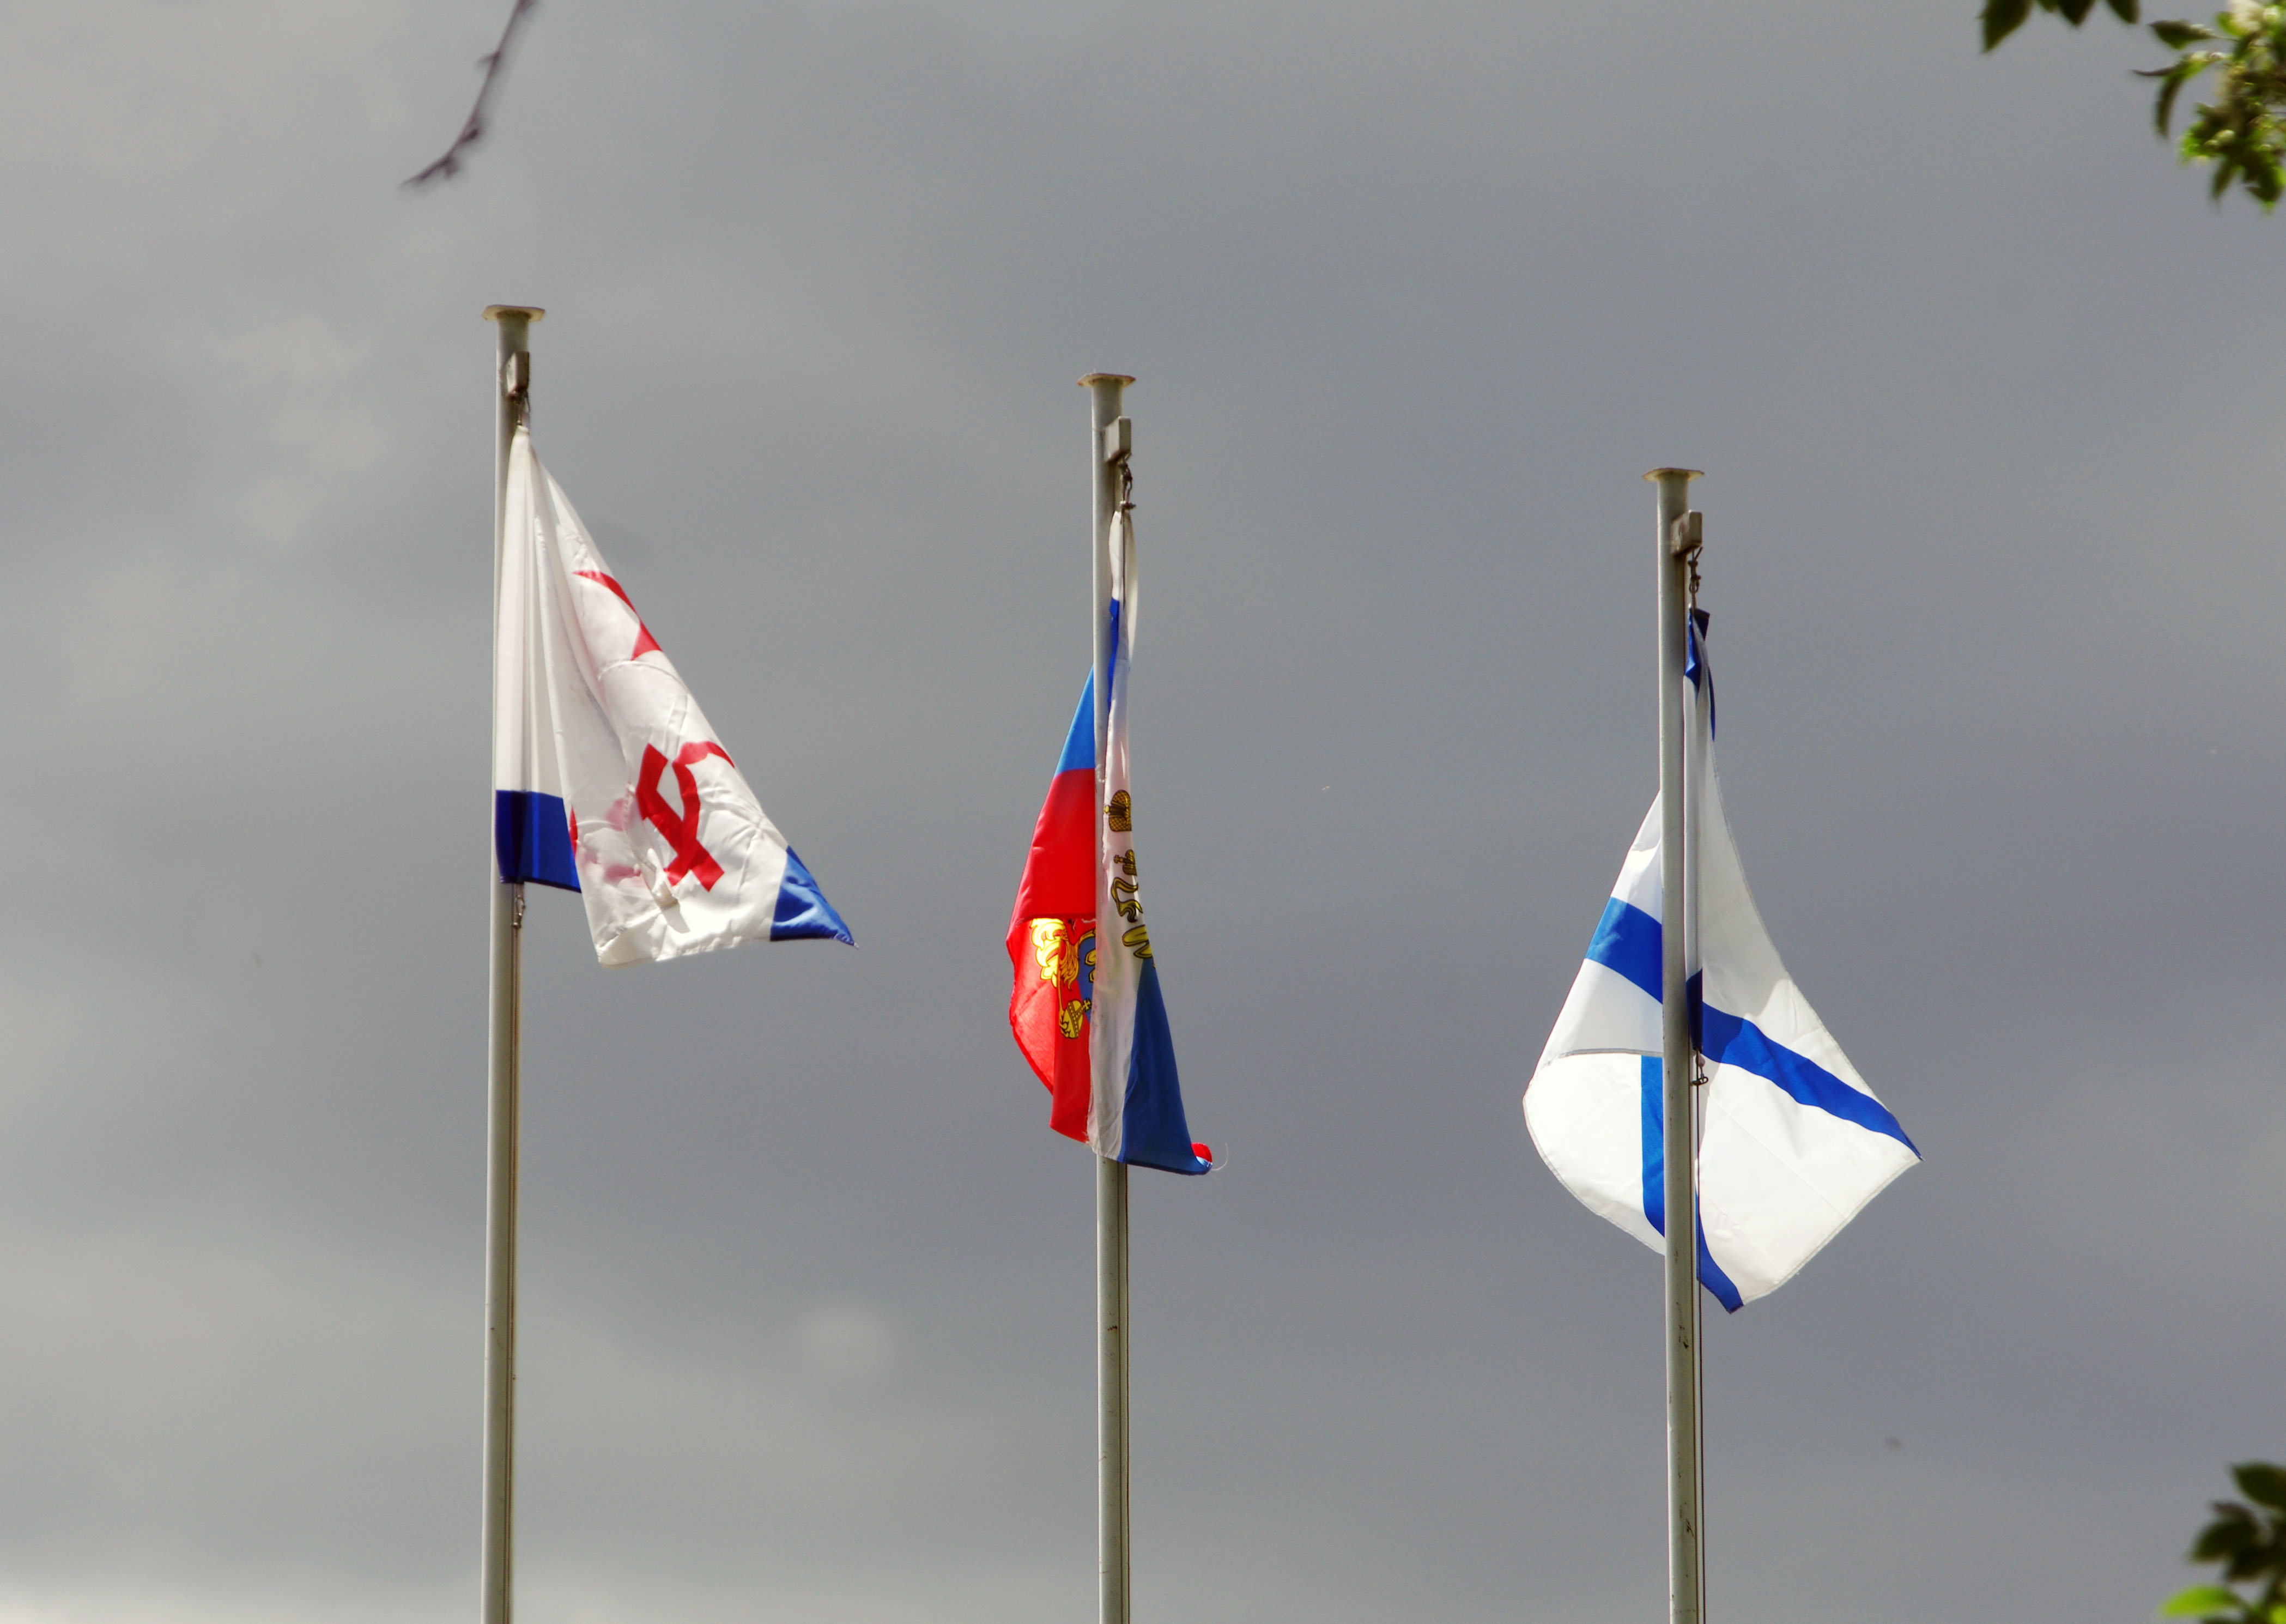 В предстоящее воскресенье, 29 июля, Россия и Челябинская область празднует День Военно-морского ф